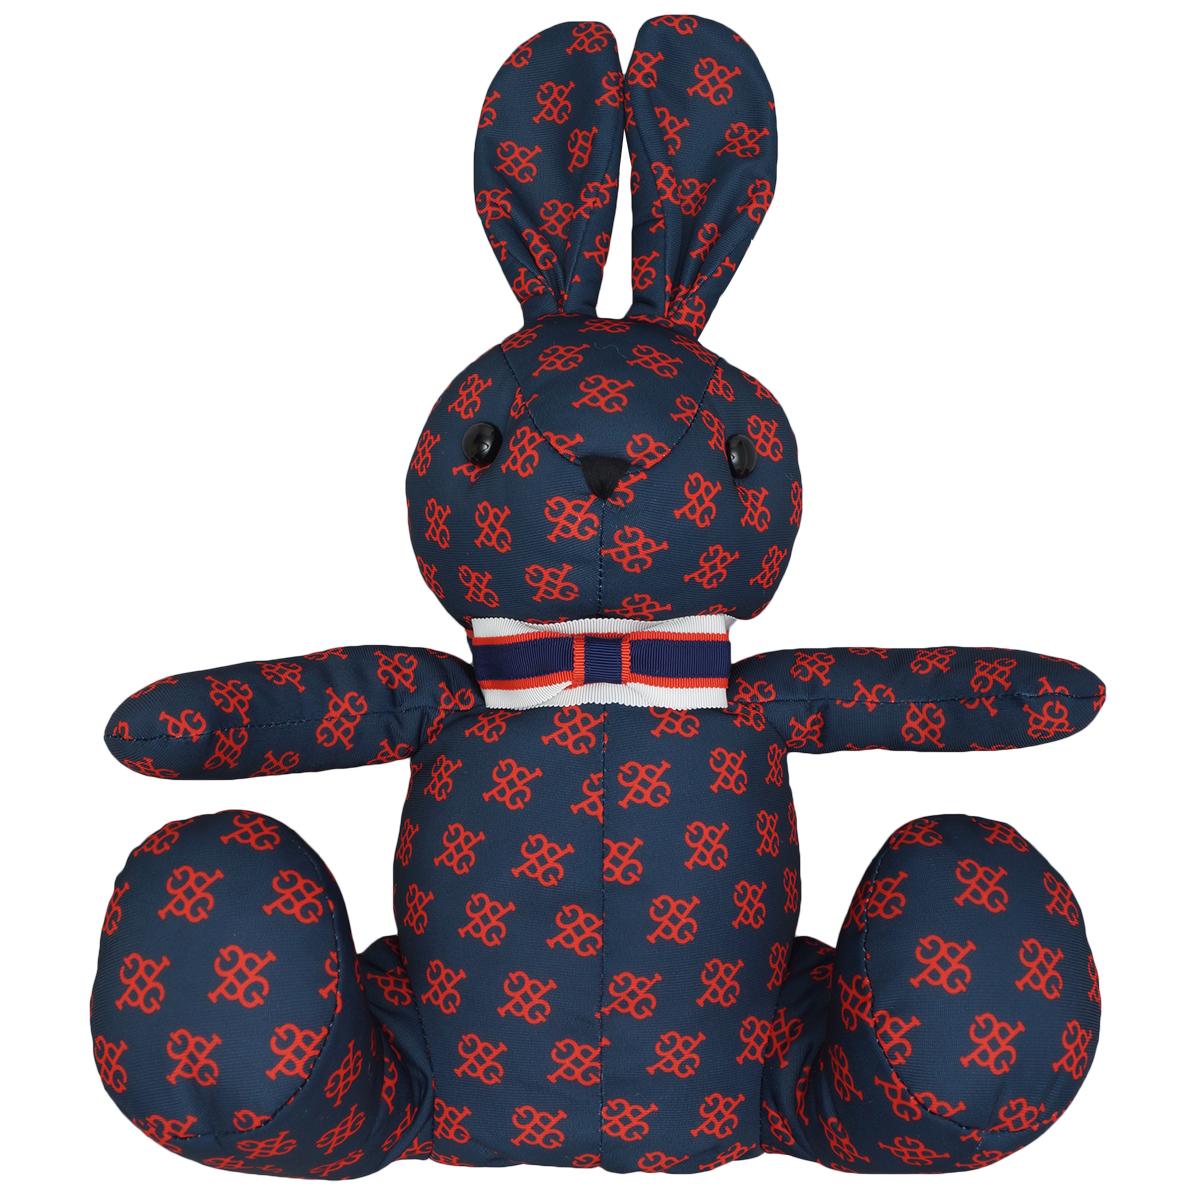 モノグラムウサギ ヘッドカバー FW用